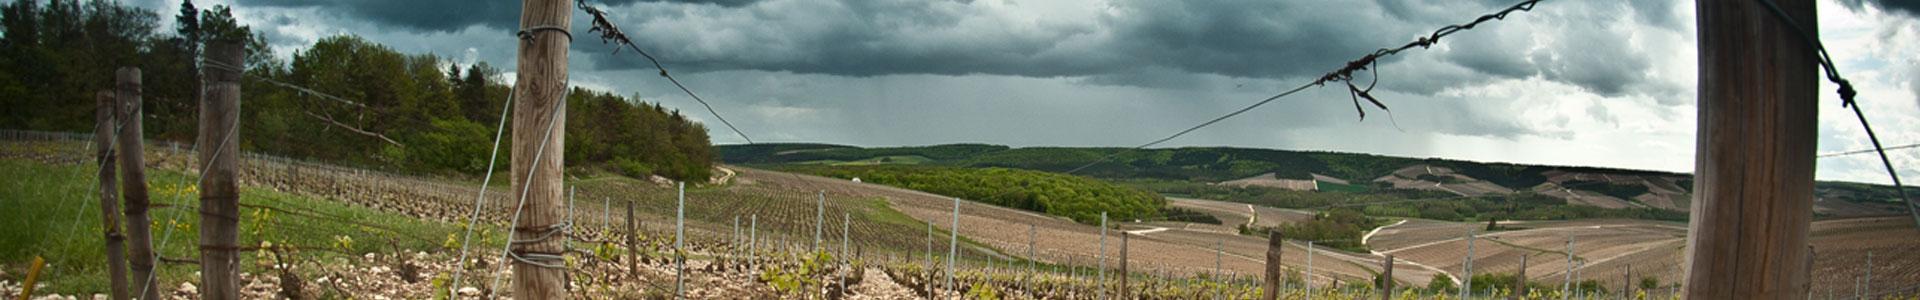 bannière vigne sous ciel orageux